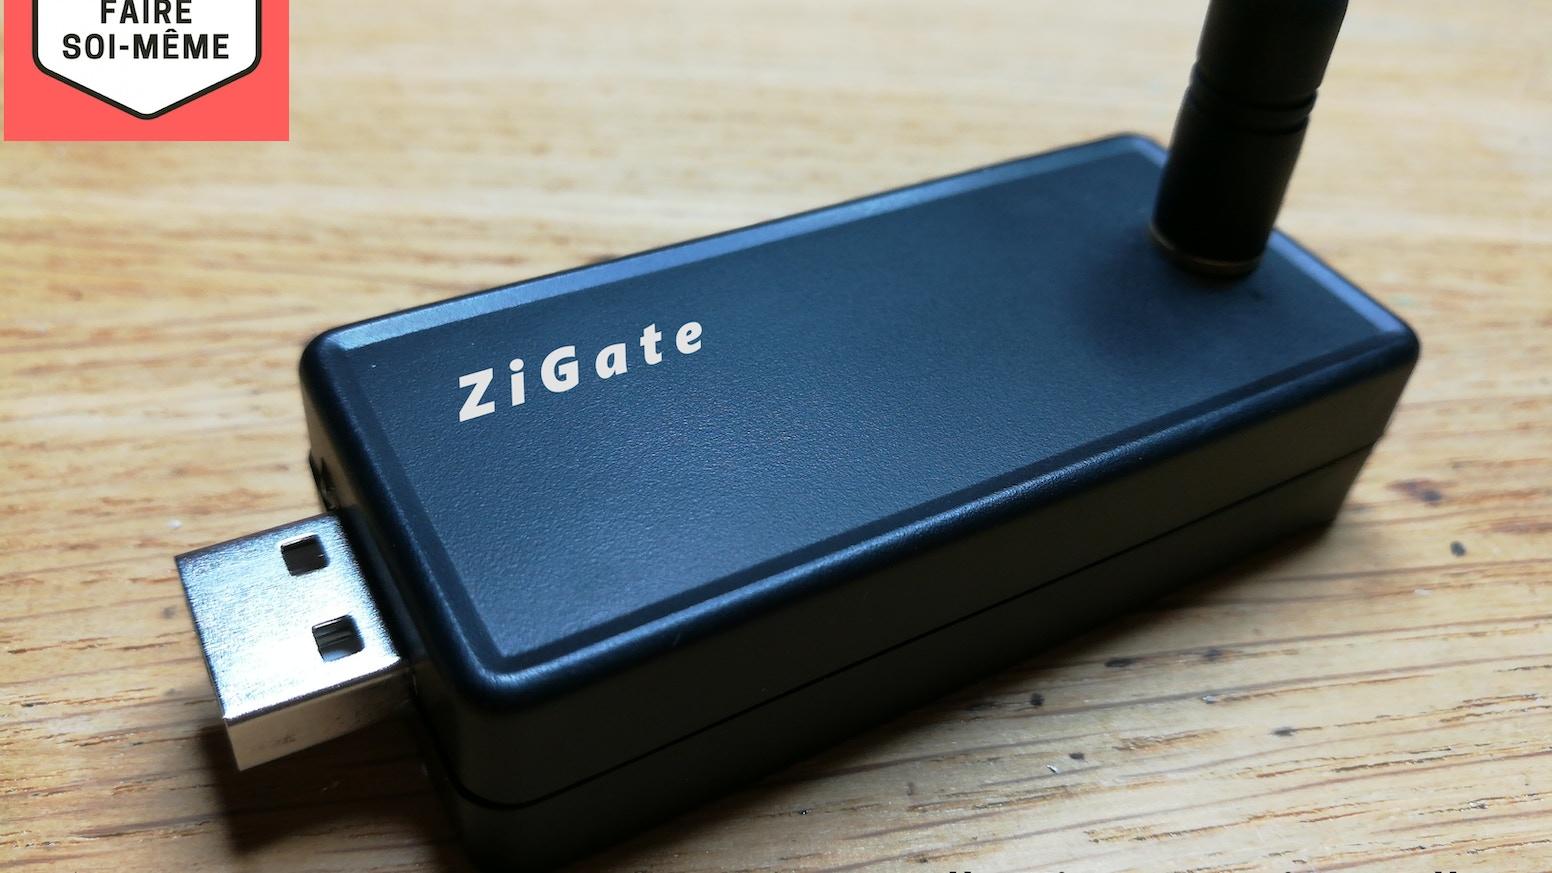 La ZiGate est une passerelle ZigBee compatible ZHA et ZLL pour les box domotiques.